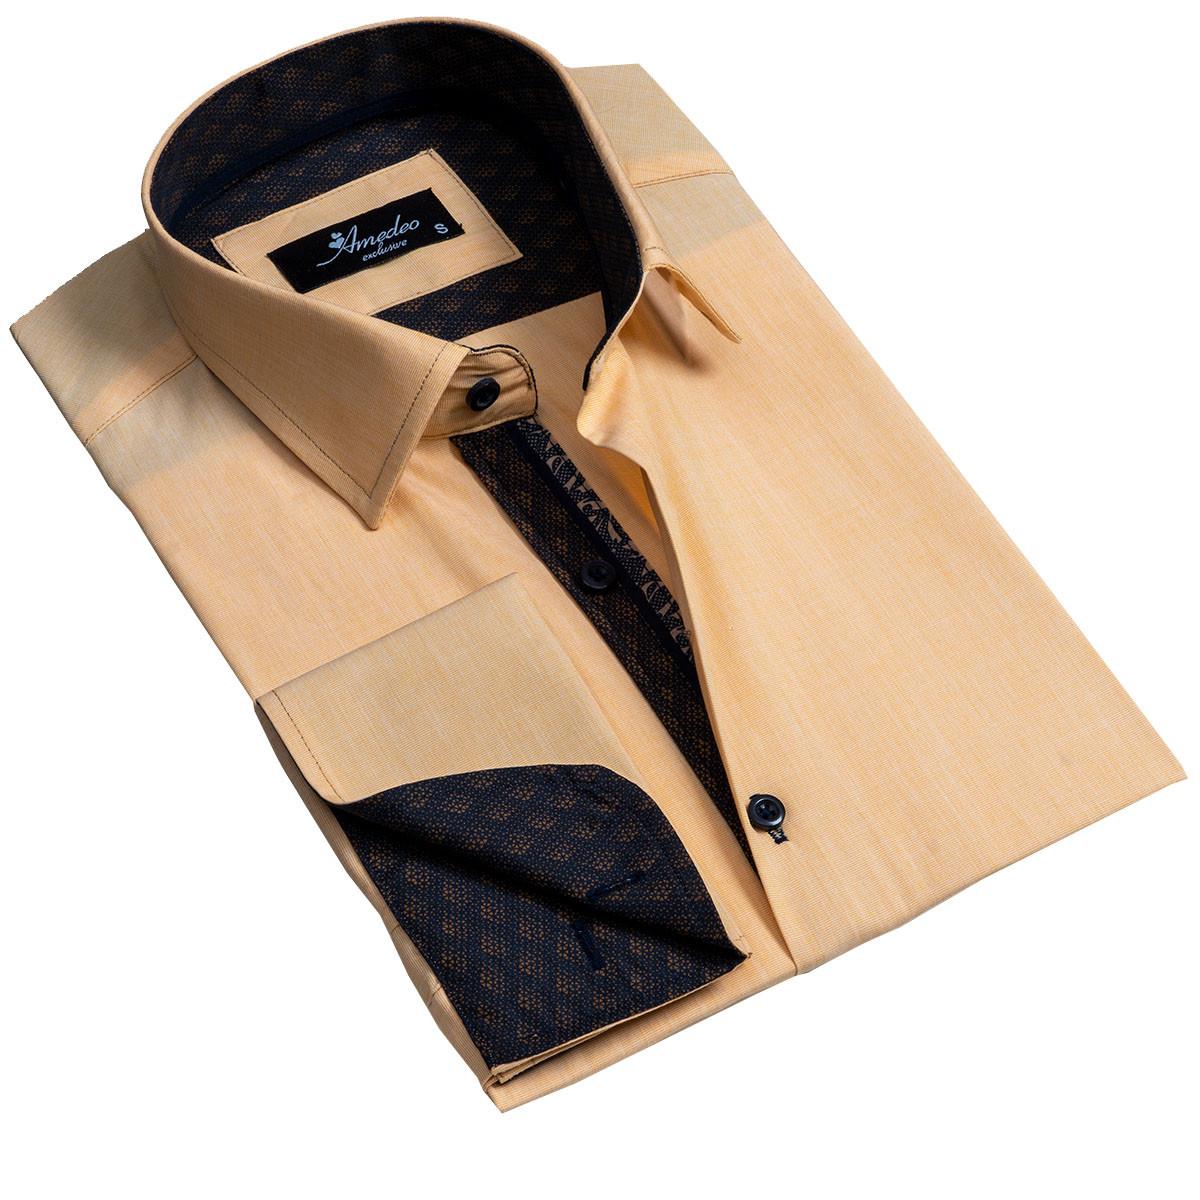 European Made & Designed Reversible Cuff Premium French Cuff Dress Shirt - copper